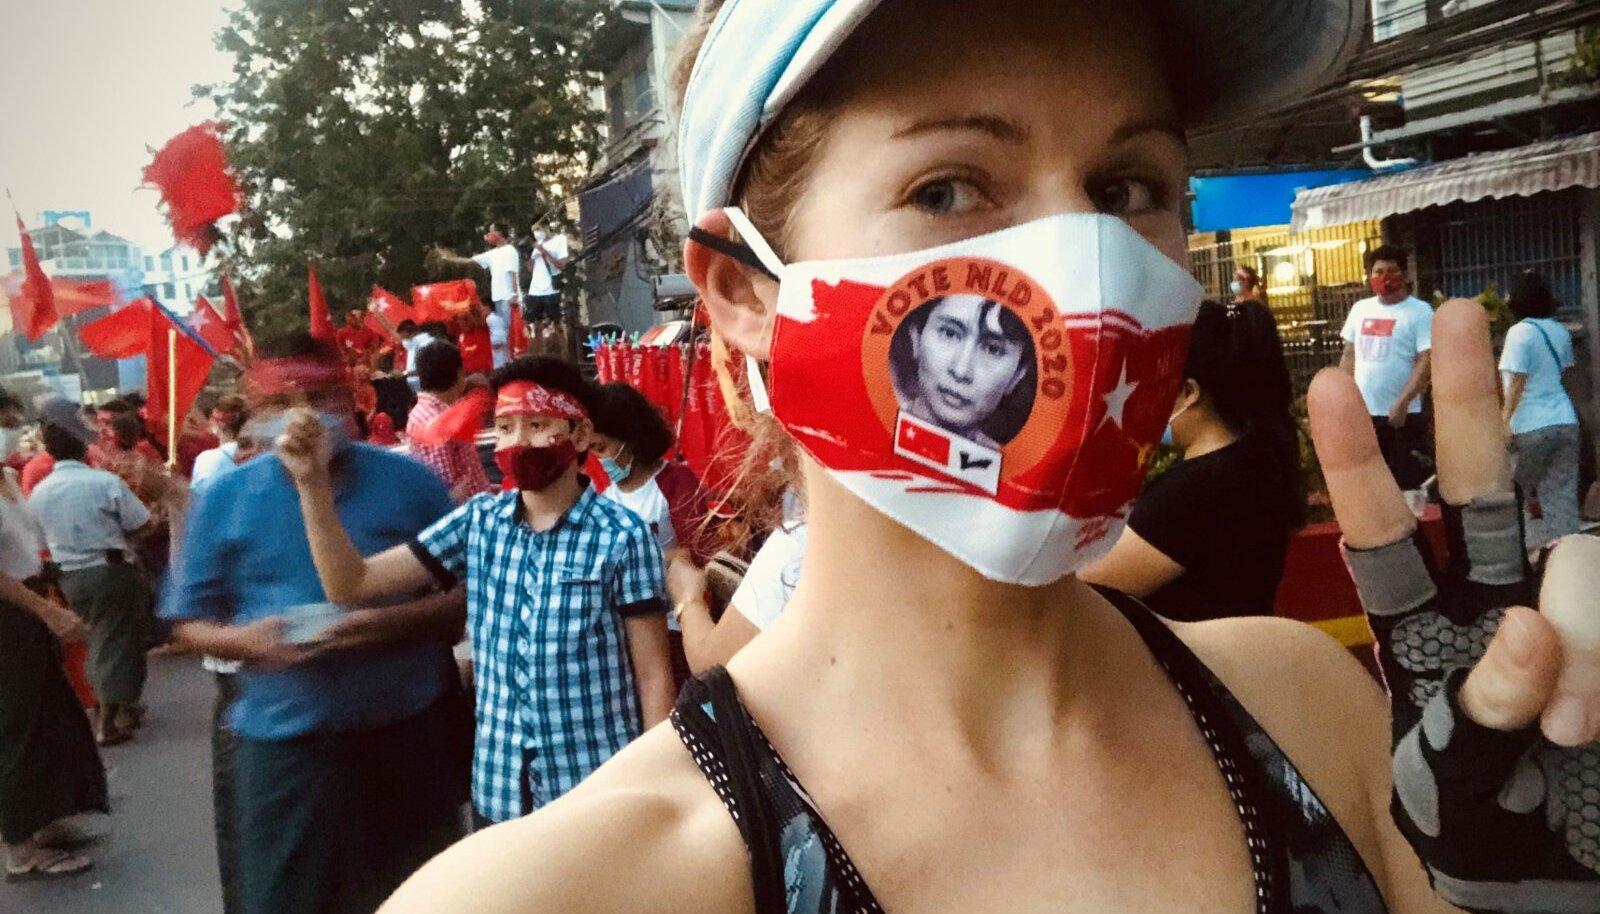 """Kõige eksootilisem maskipilt, saatjakas Helene Toivanen Myanmarist. Ta kirjutas: """"Detsembri alguses toimunud kohalike valimiste ajal levisid eriti populaarsetena valimised võitnud partei National League for Democracy (NLD) ja partei juhtfiguuri Aung San Suu Kyi näopildiga maskid. Tänavad vallutanud spontaansel valimispeol, mille keskele ma kogemata õhtul sportides sattusin, pisteti mulle ka mask kätte ja tegin endast selle päeva meenutuseks loomulikult ühe selfie. Kohalikud olid mind selle maskiga nähes vaimustuses, nii et poseerisin veel päris mitme pildi jaoks!"""""""